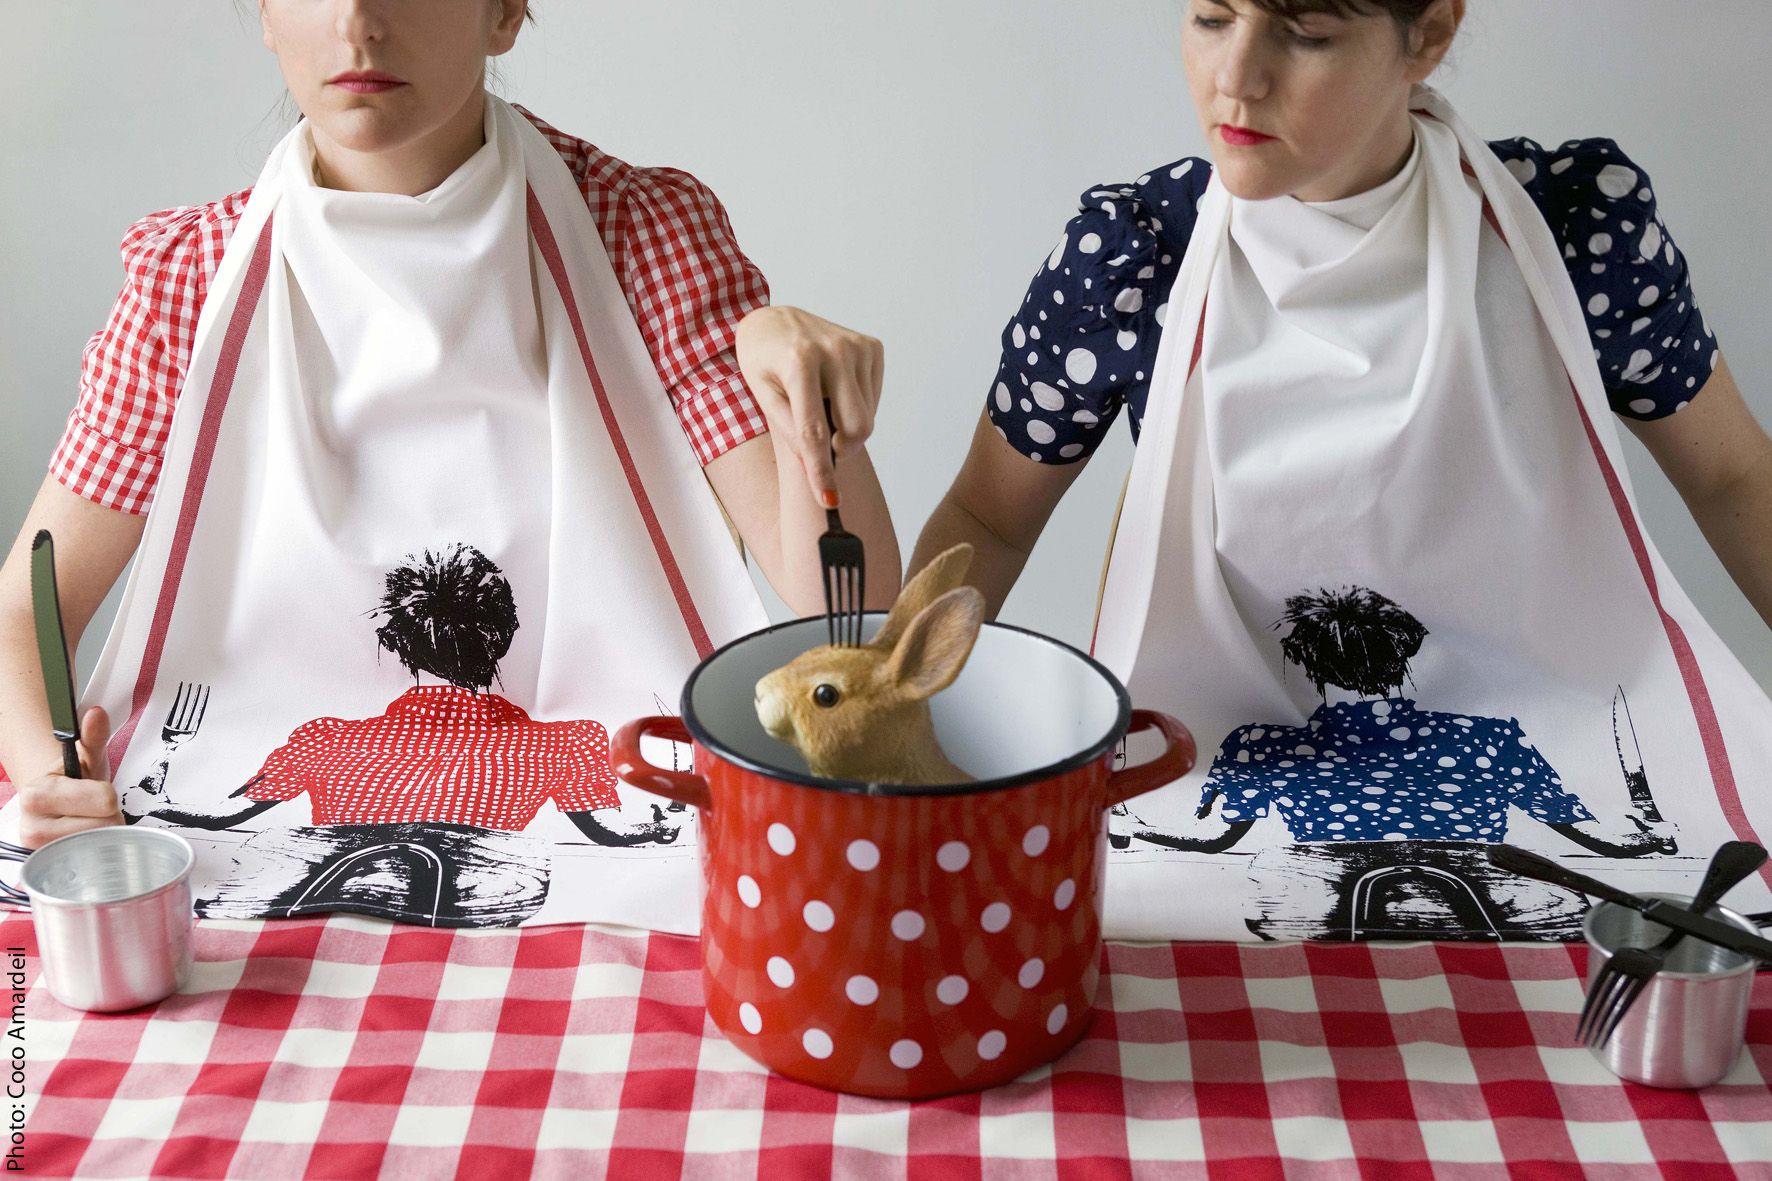 Torchon / tea towel babette - © la cerise sur le gâteau - Anne Hubert - photo: Coco Amardeil